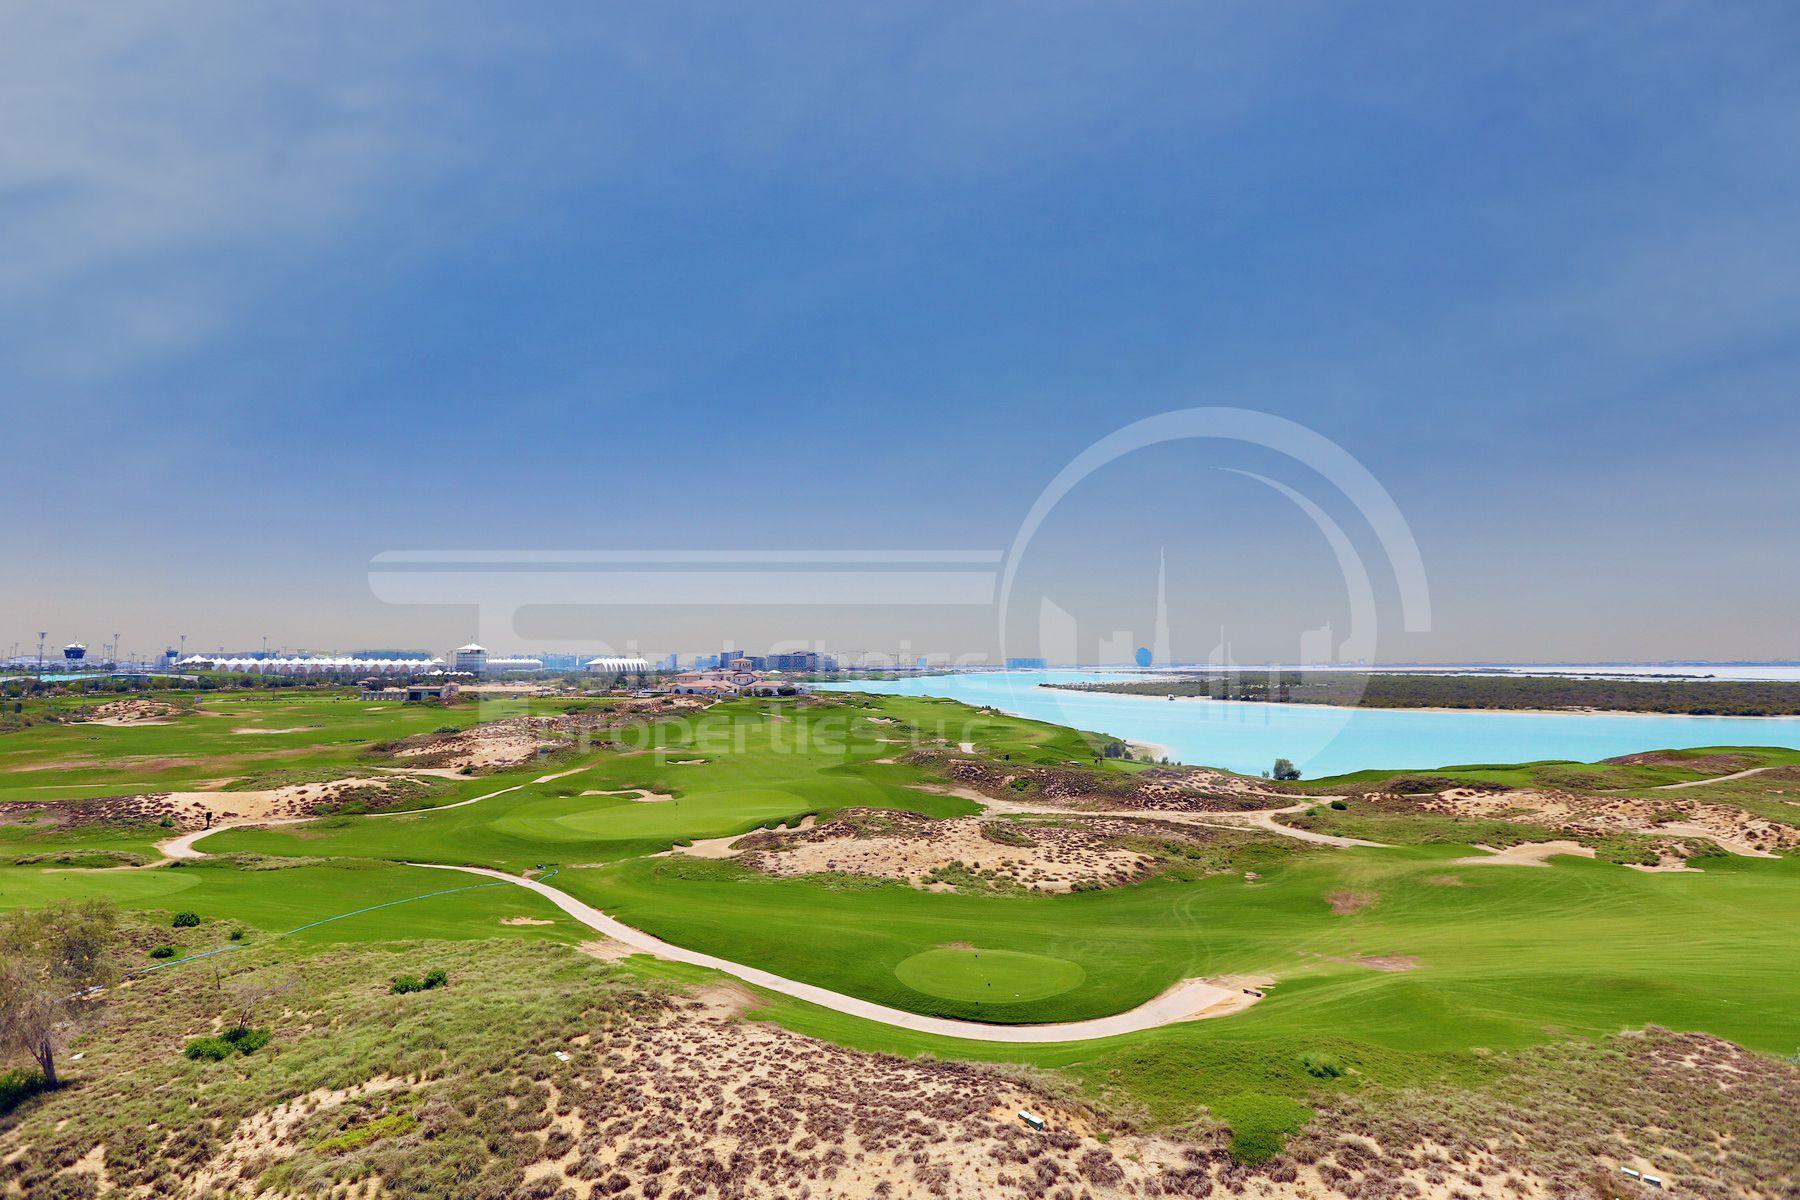 Studio - 1BR - 2BR - 3BR Apartment - UAE - Abu Dhabi - Yas Island - Ansam (20).jpg